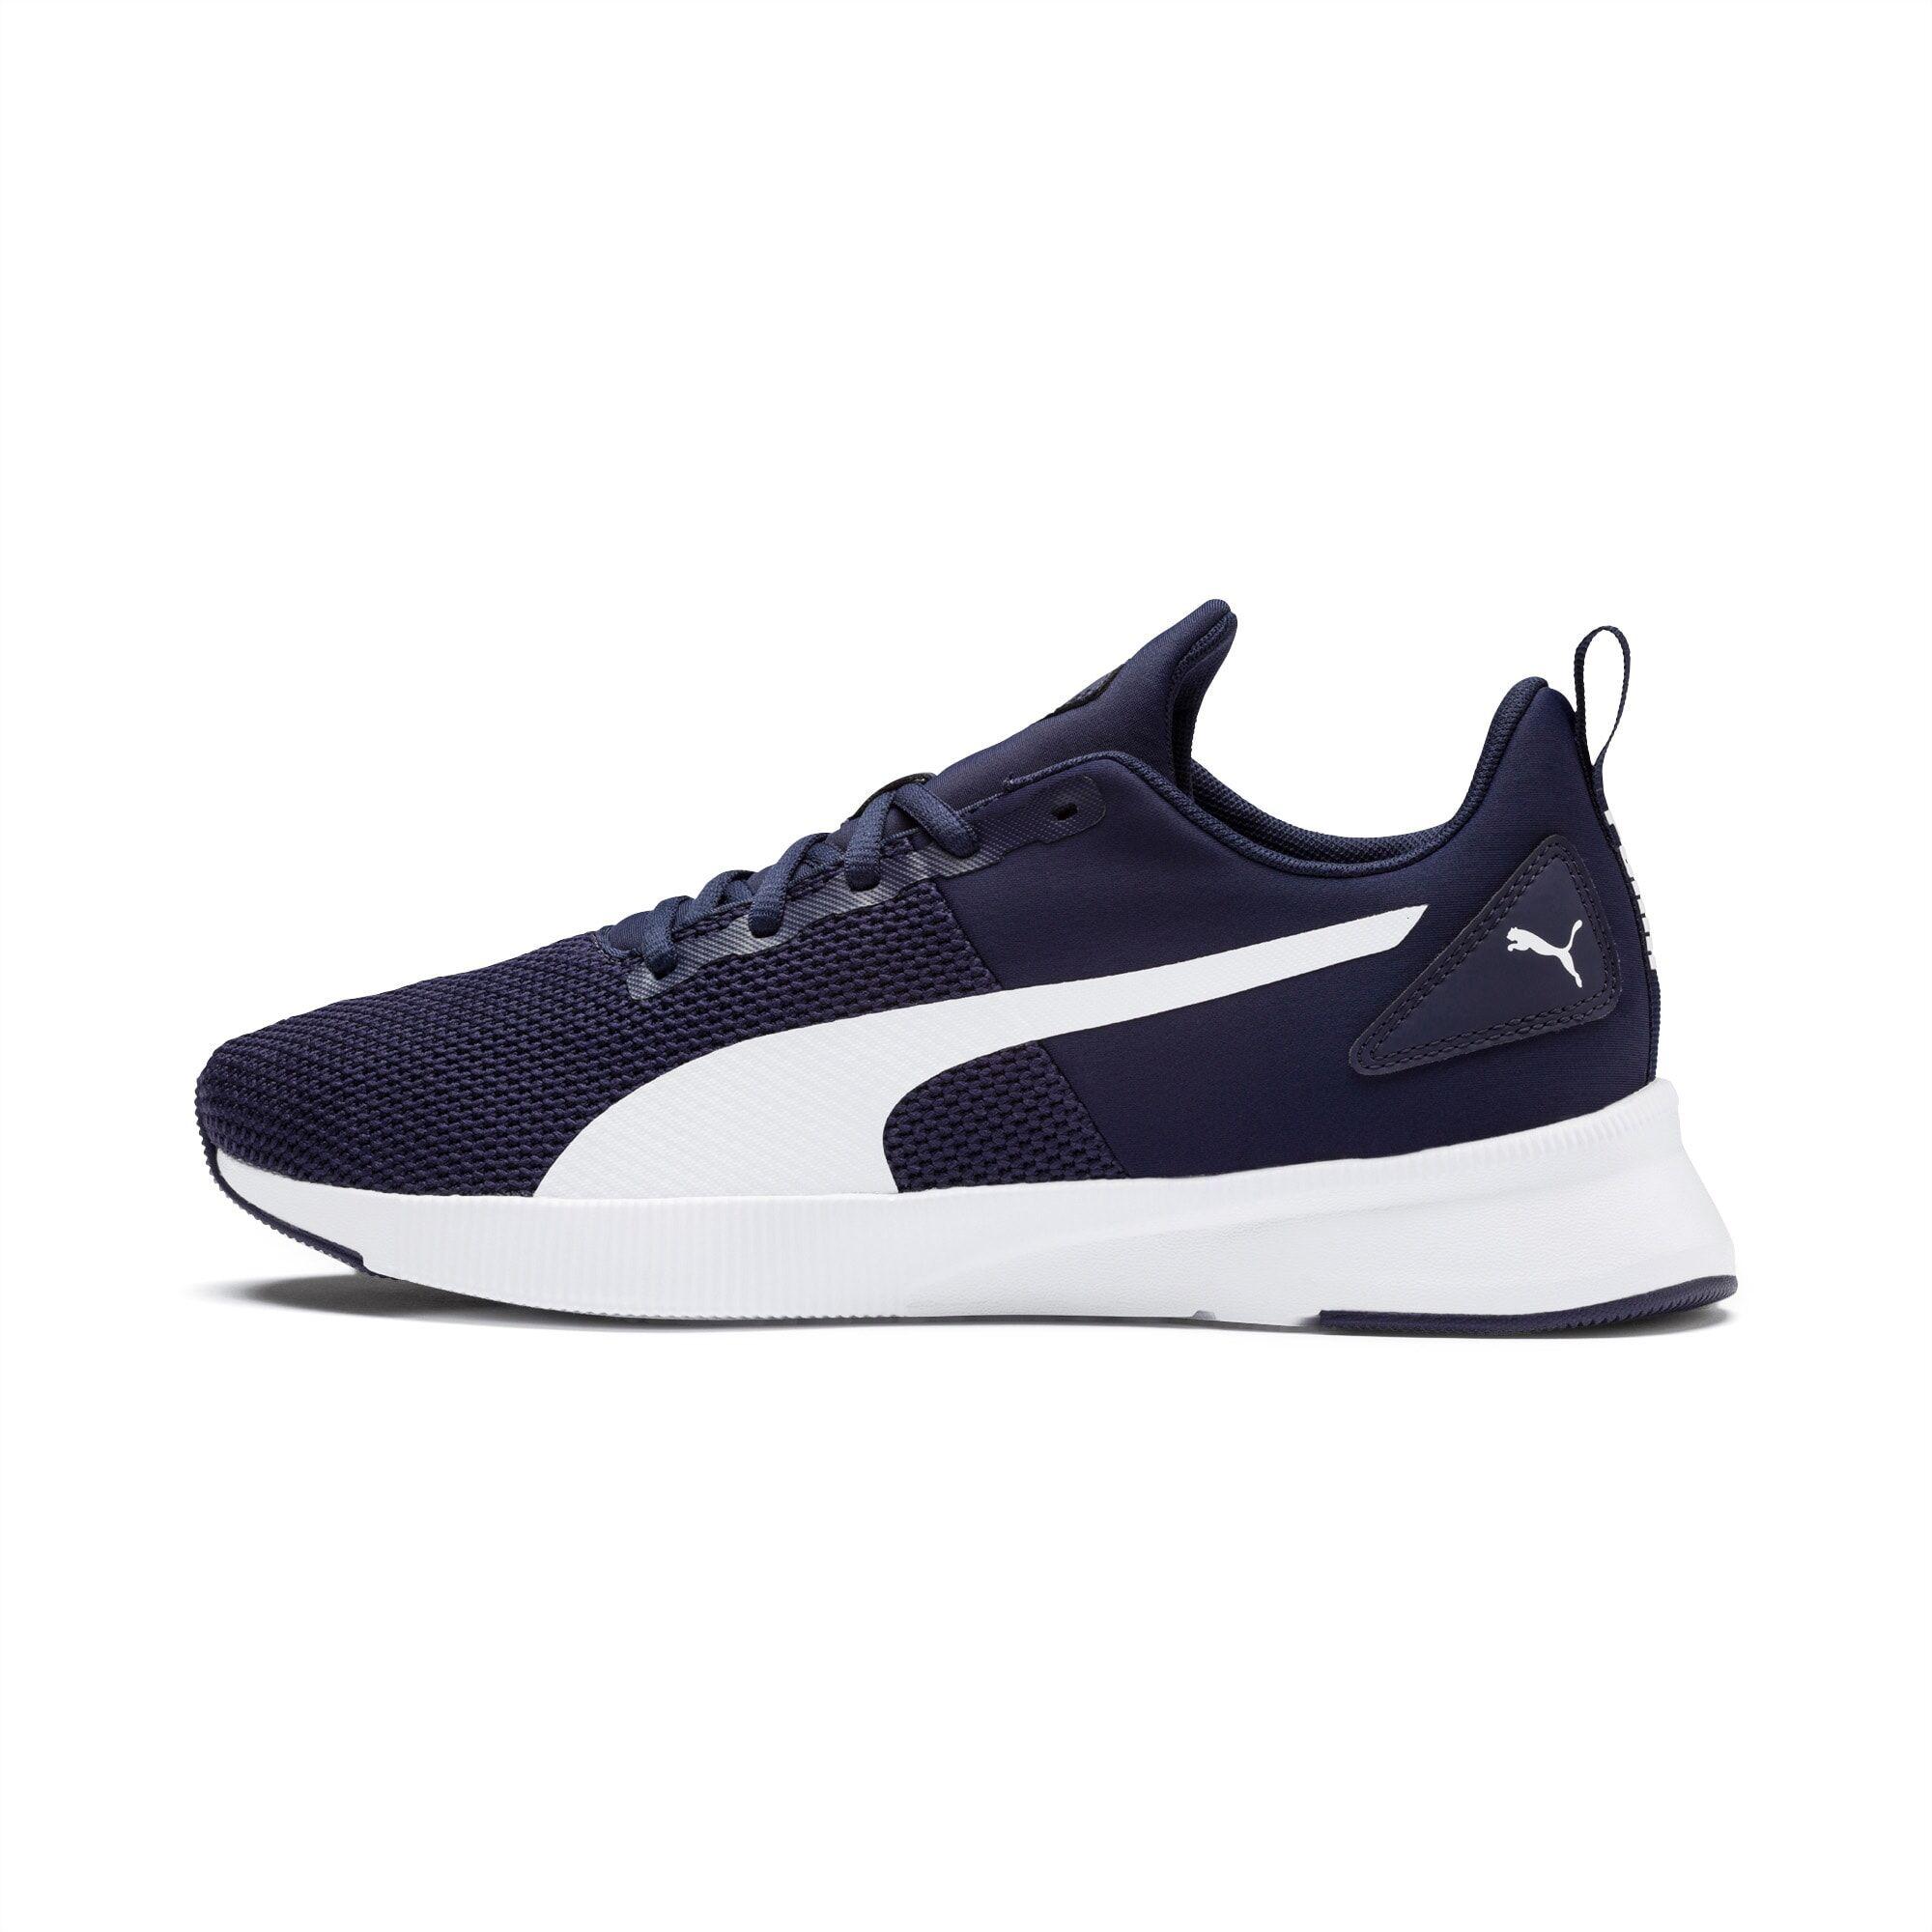 PUMA Chaussure de course Flyer Runner, Bleu/Blanc, Taille 45, Chaussures